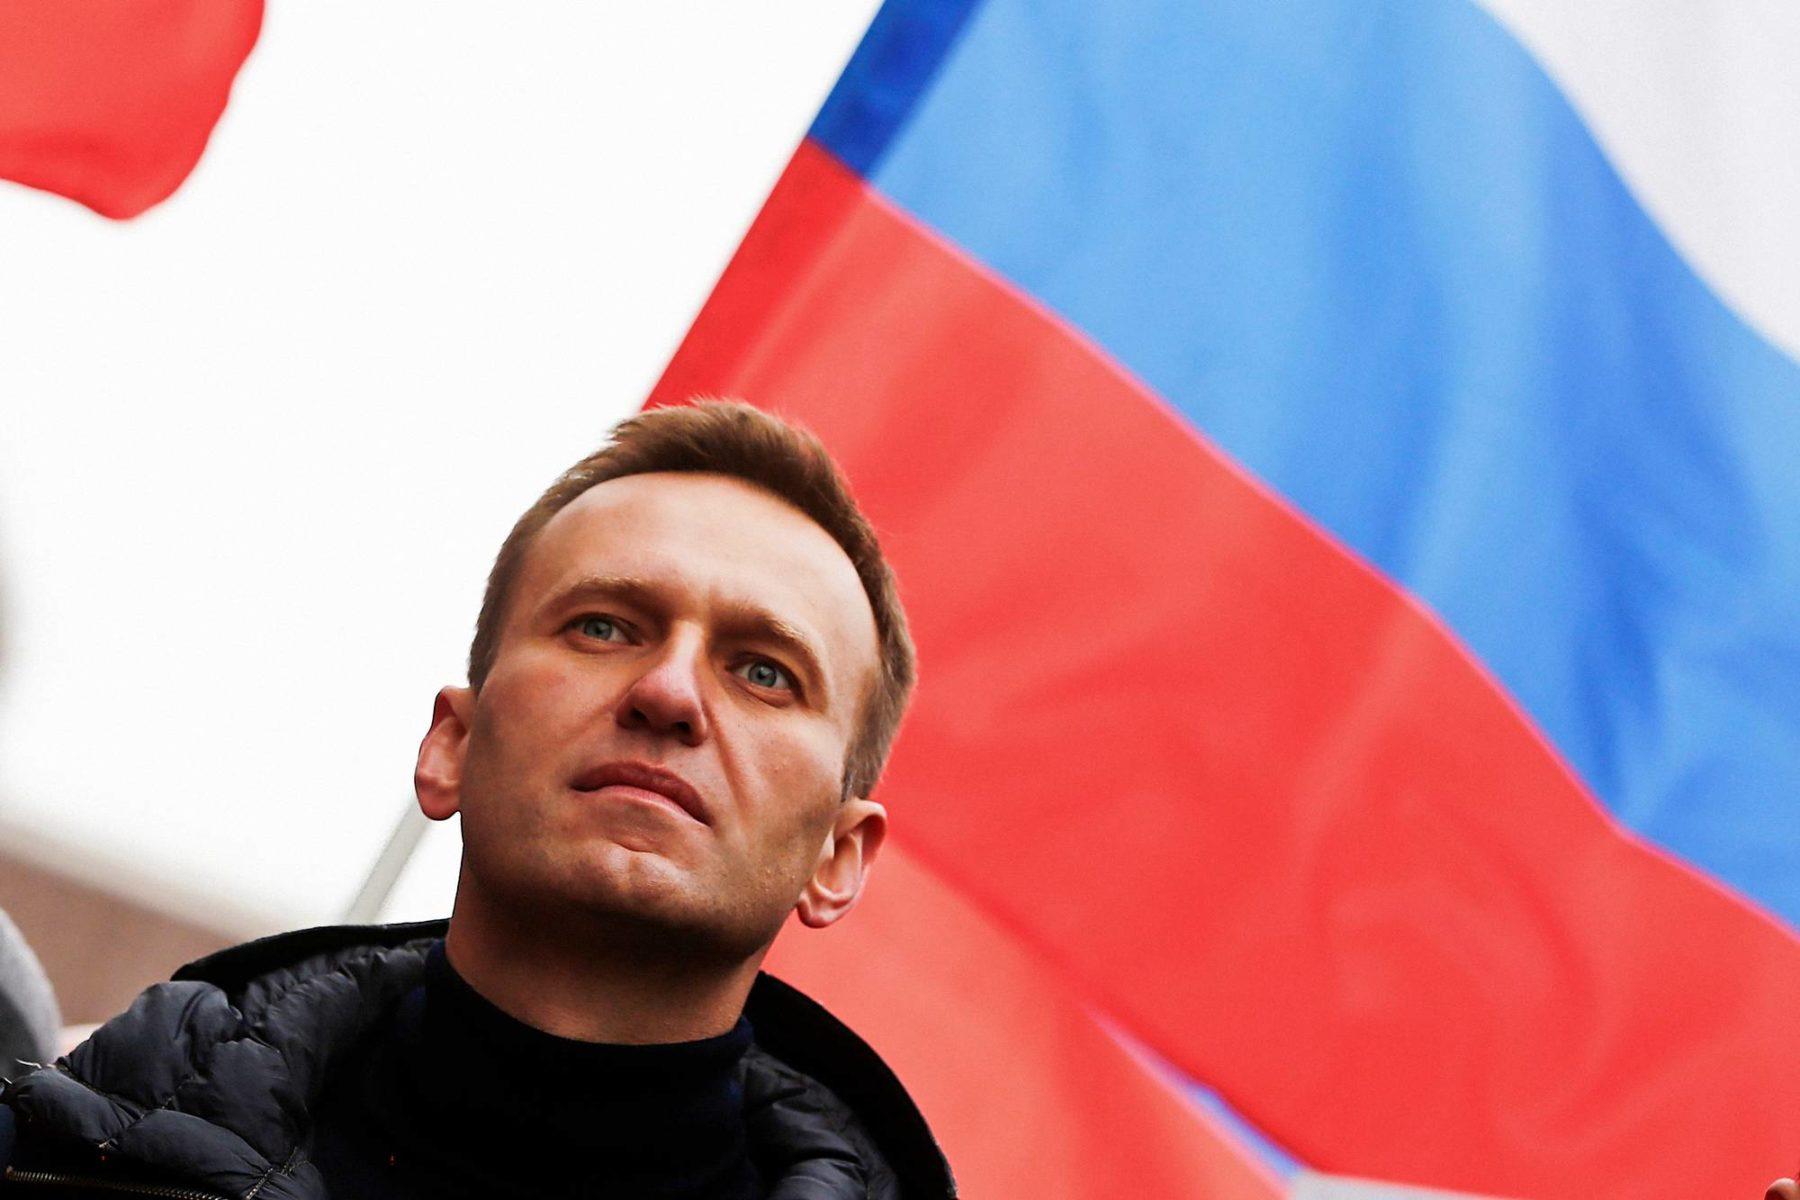 Aleksei Navalnyi osallistui Boris Nemtsovin muistomarssille Moskovassa 24. helmikuuta 2019.